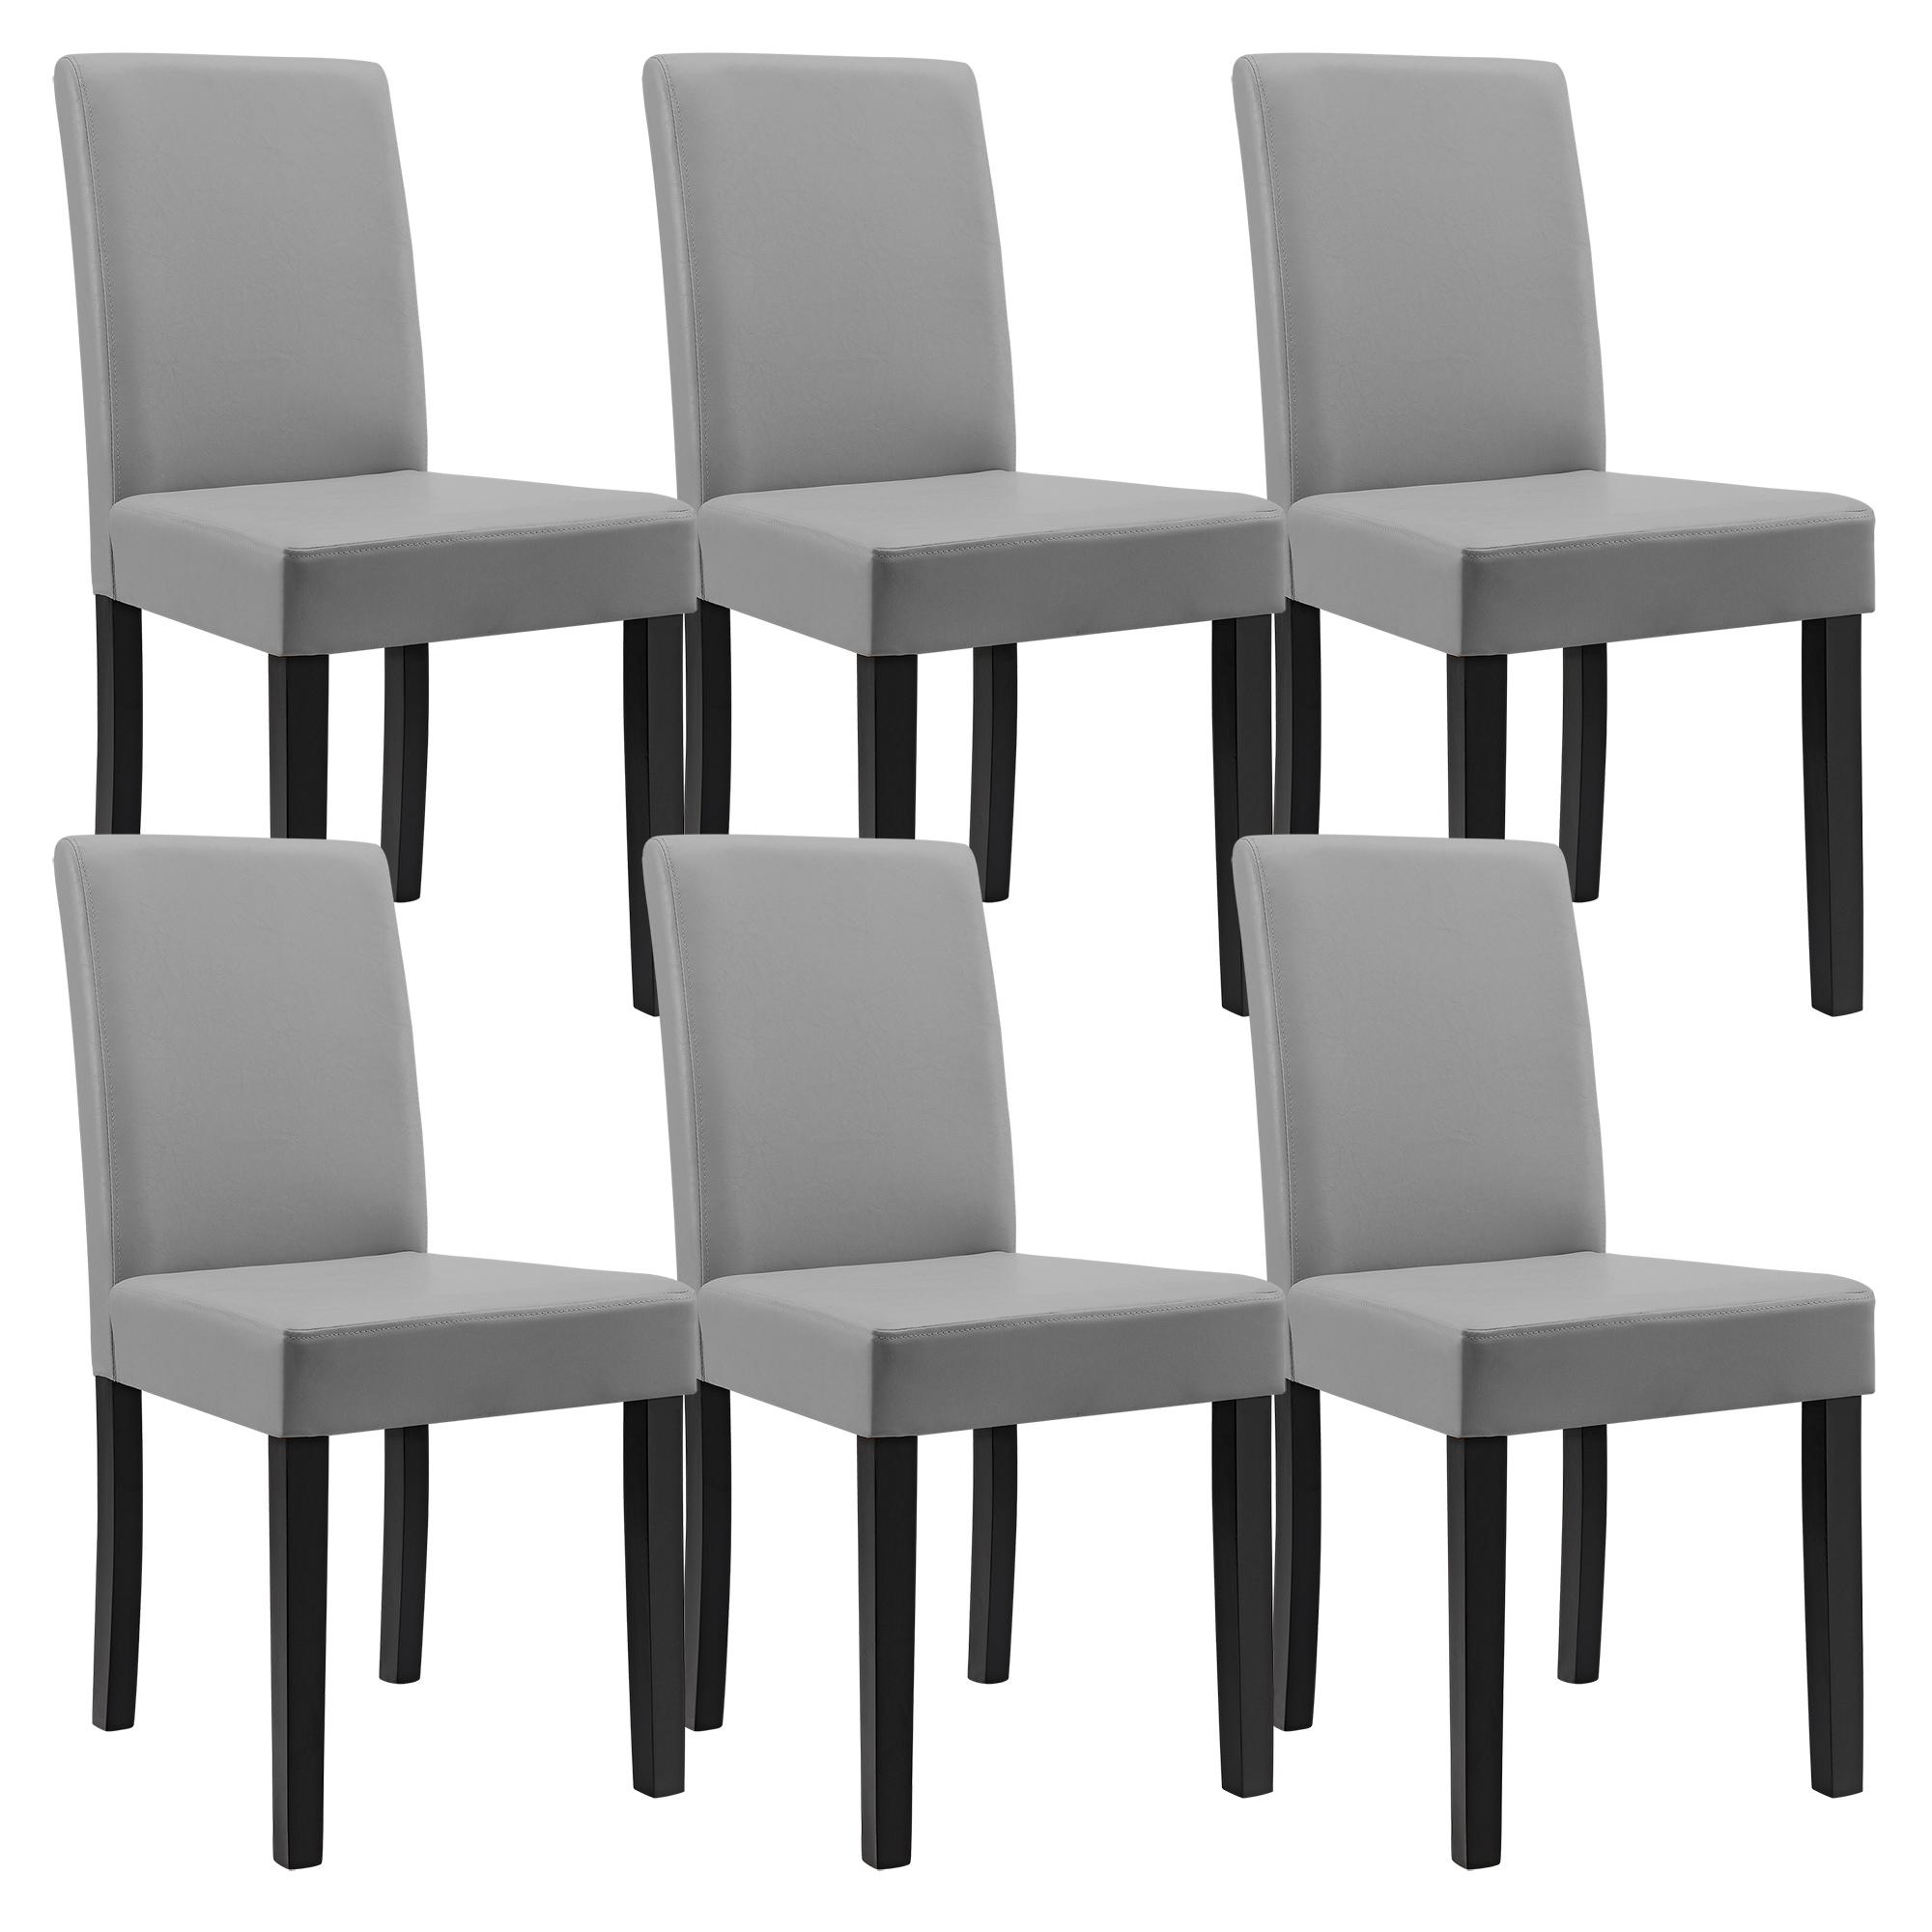 6x chaises dossier haut salle manger gris clair similicuir rembourrage - Chaise haut dossier salle a manger ...